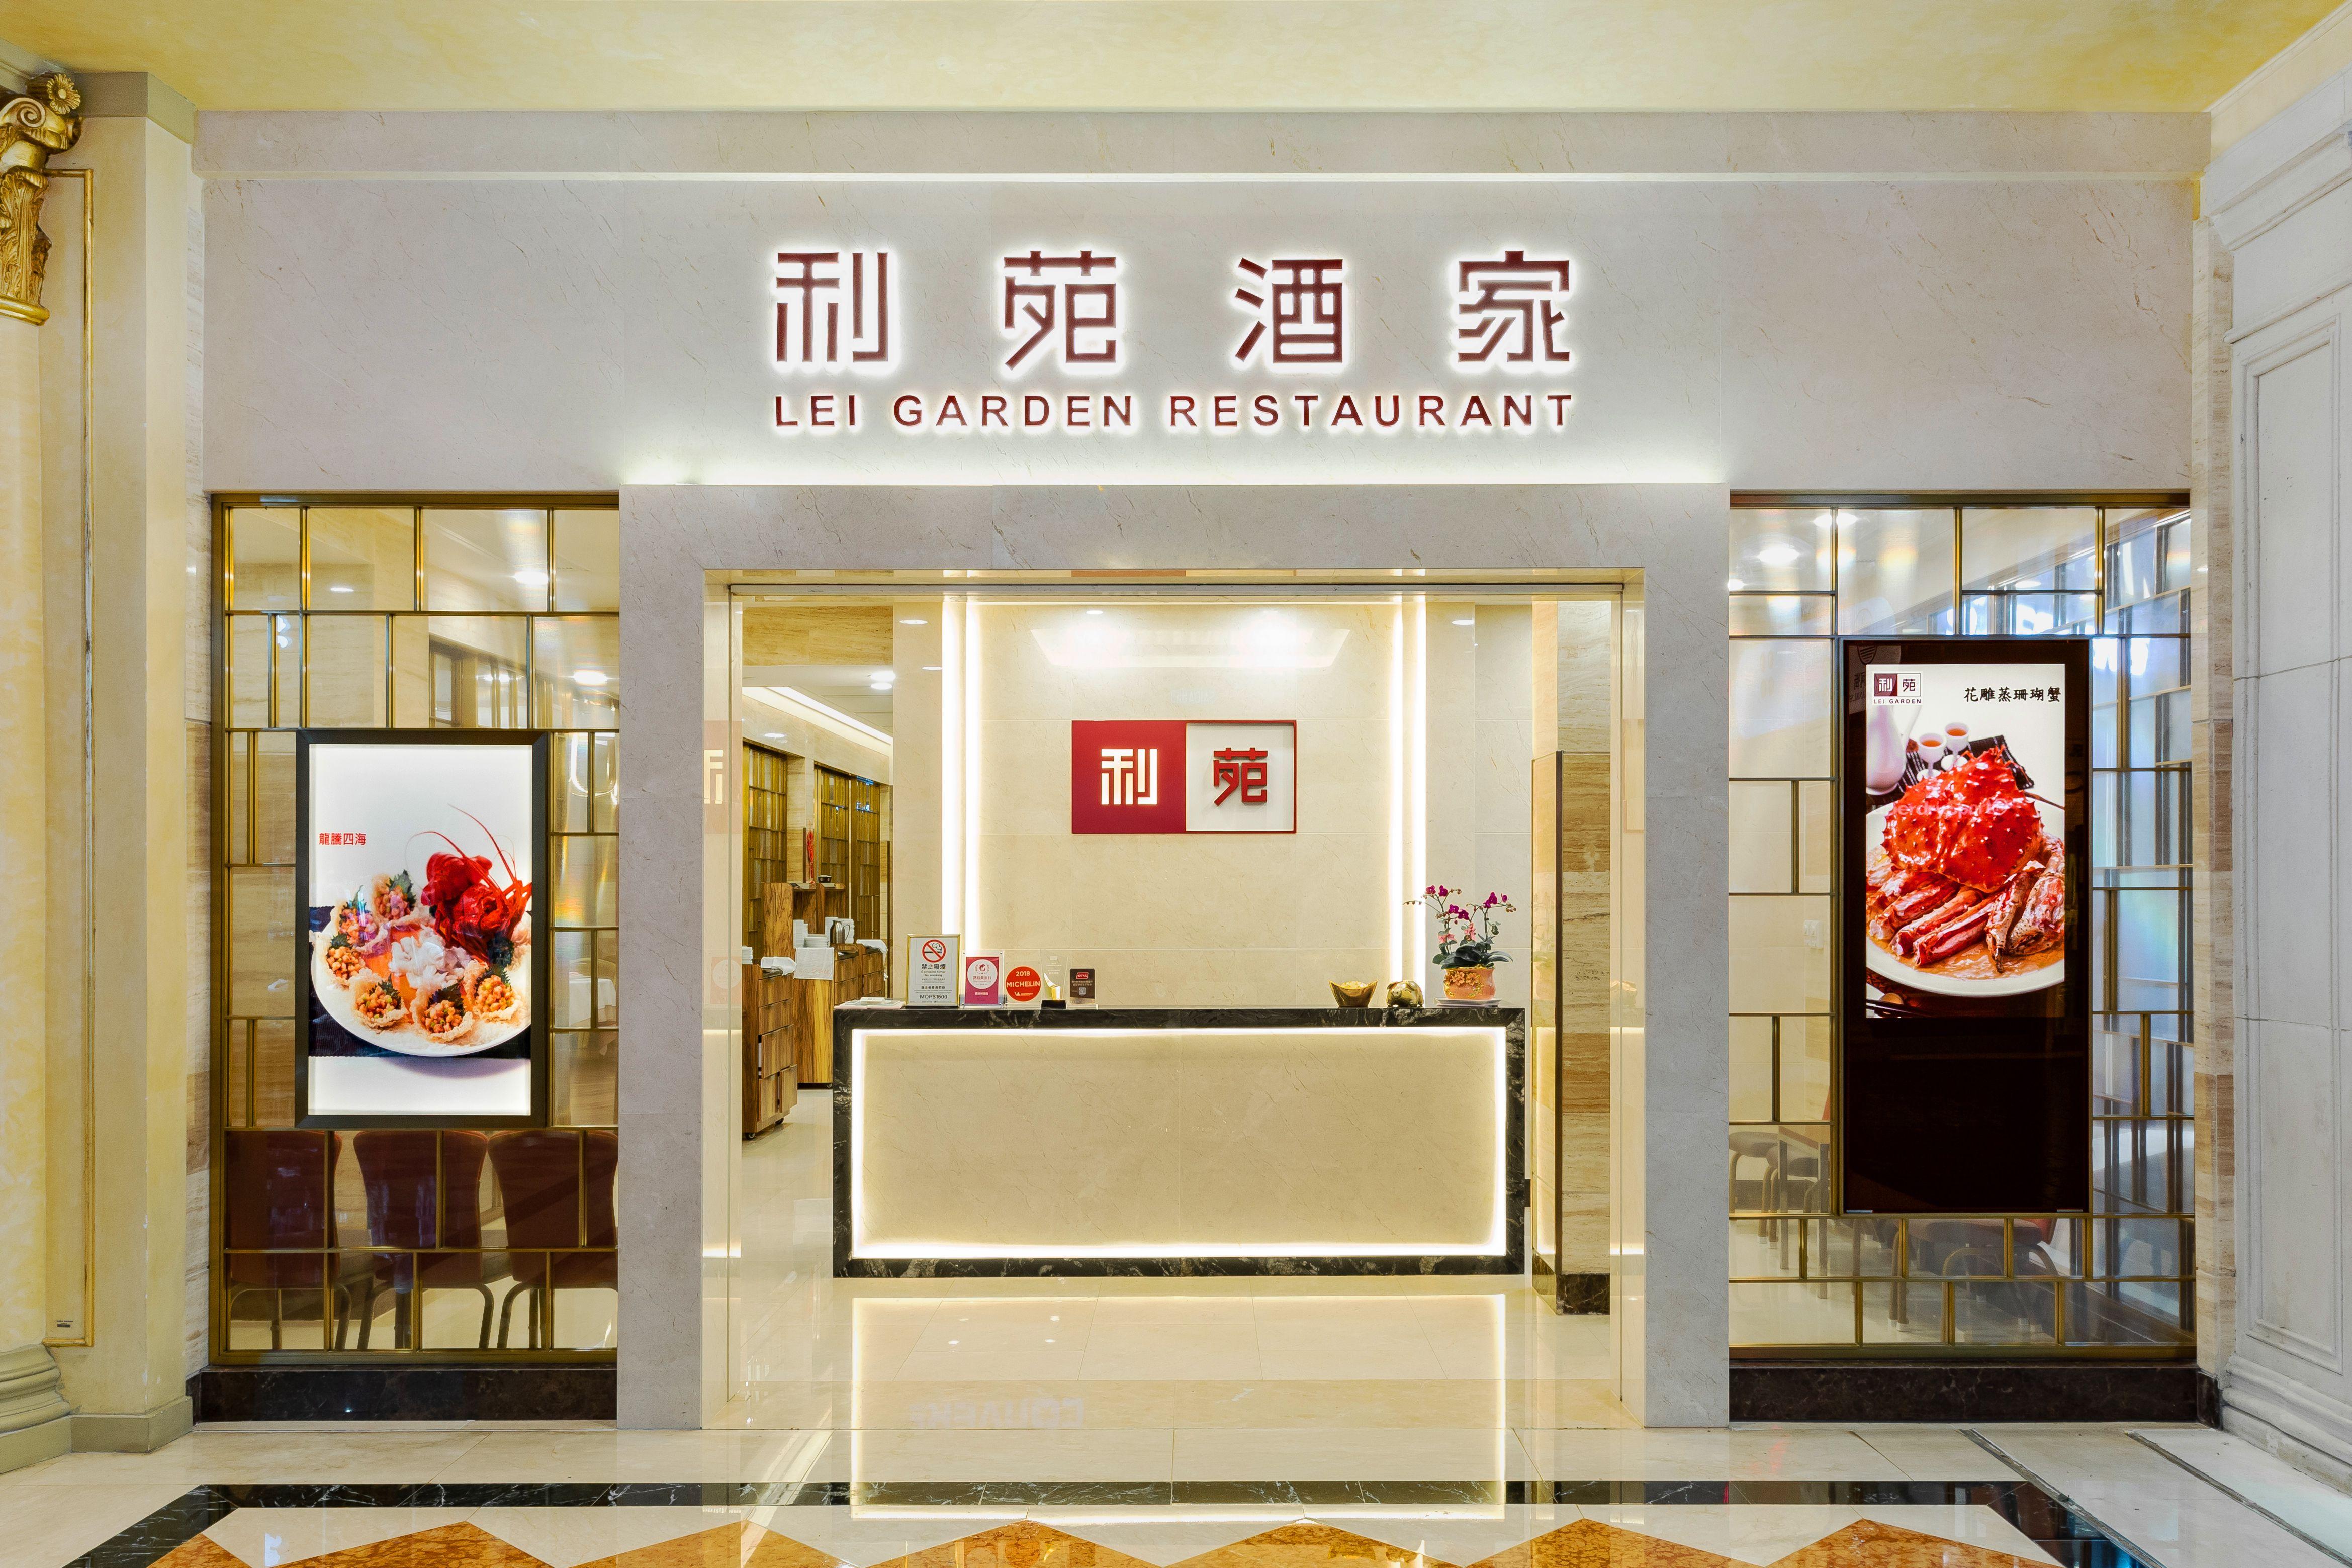 Lei Garden Chinese Restaurant